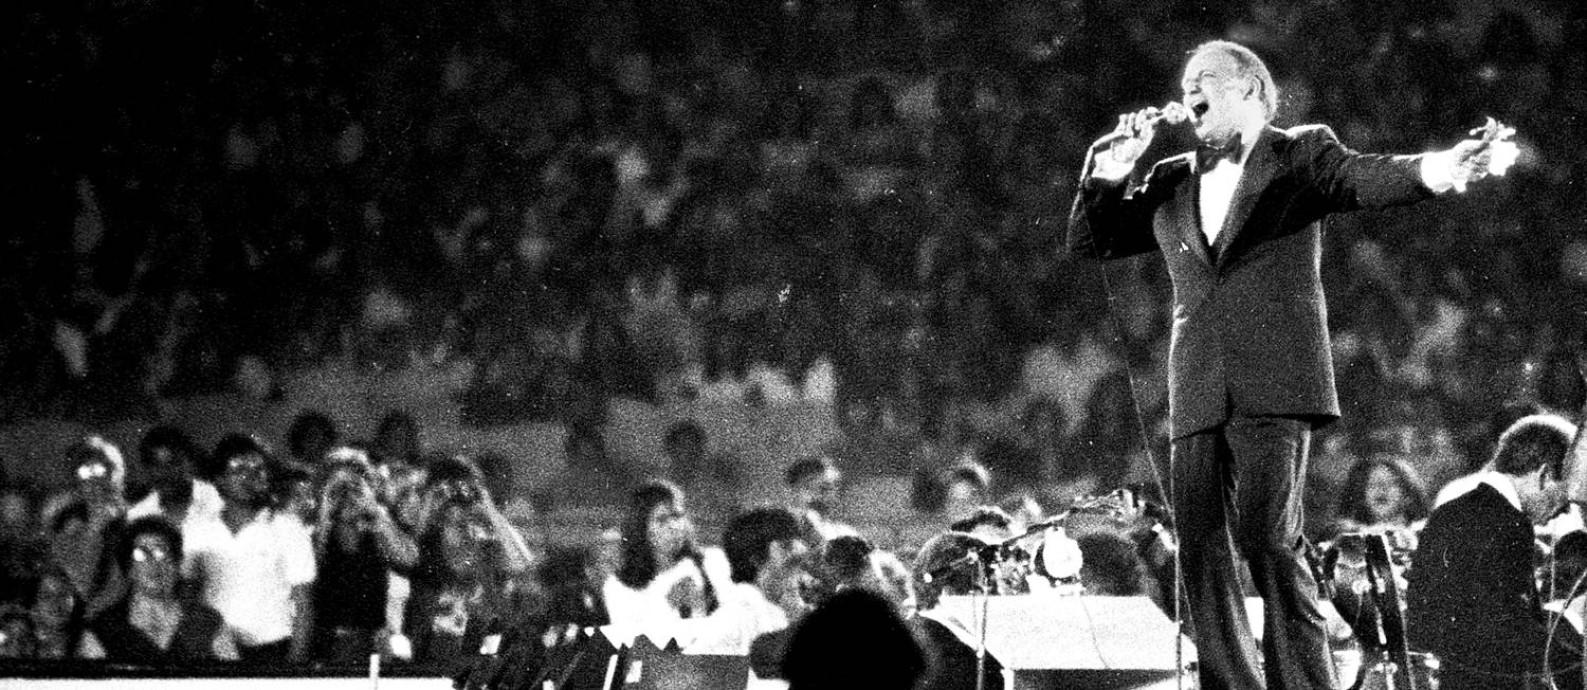 Frank Sinatra durante show histórico no Maracanã, que completa 40 anos Foto: J.R. Ripper / Agência O Globo